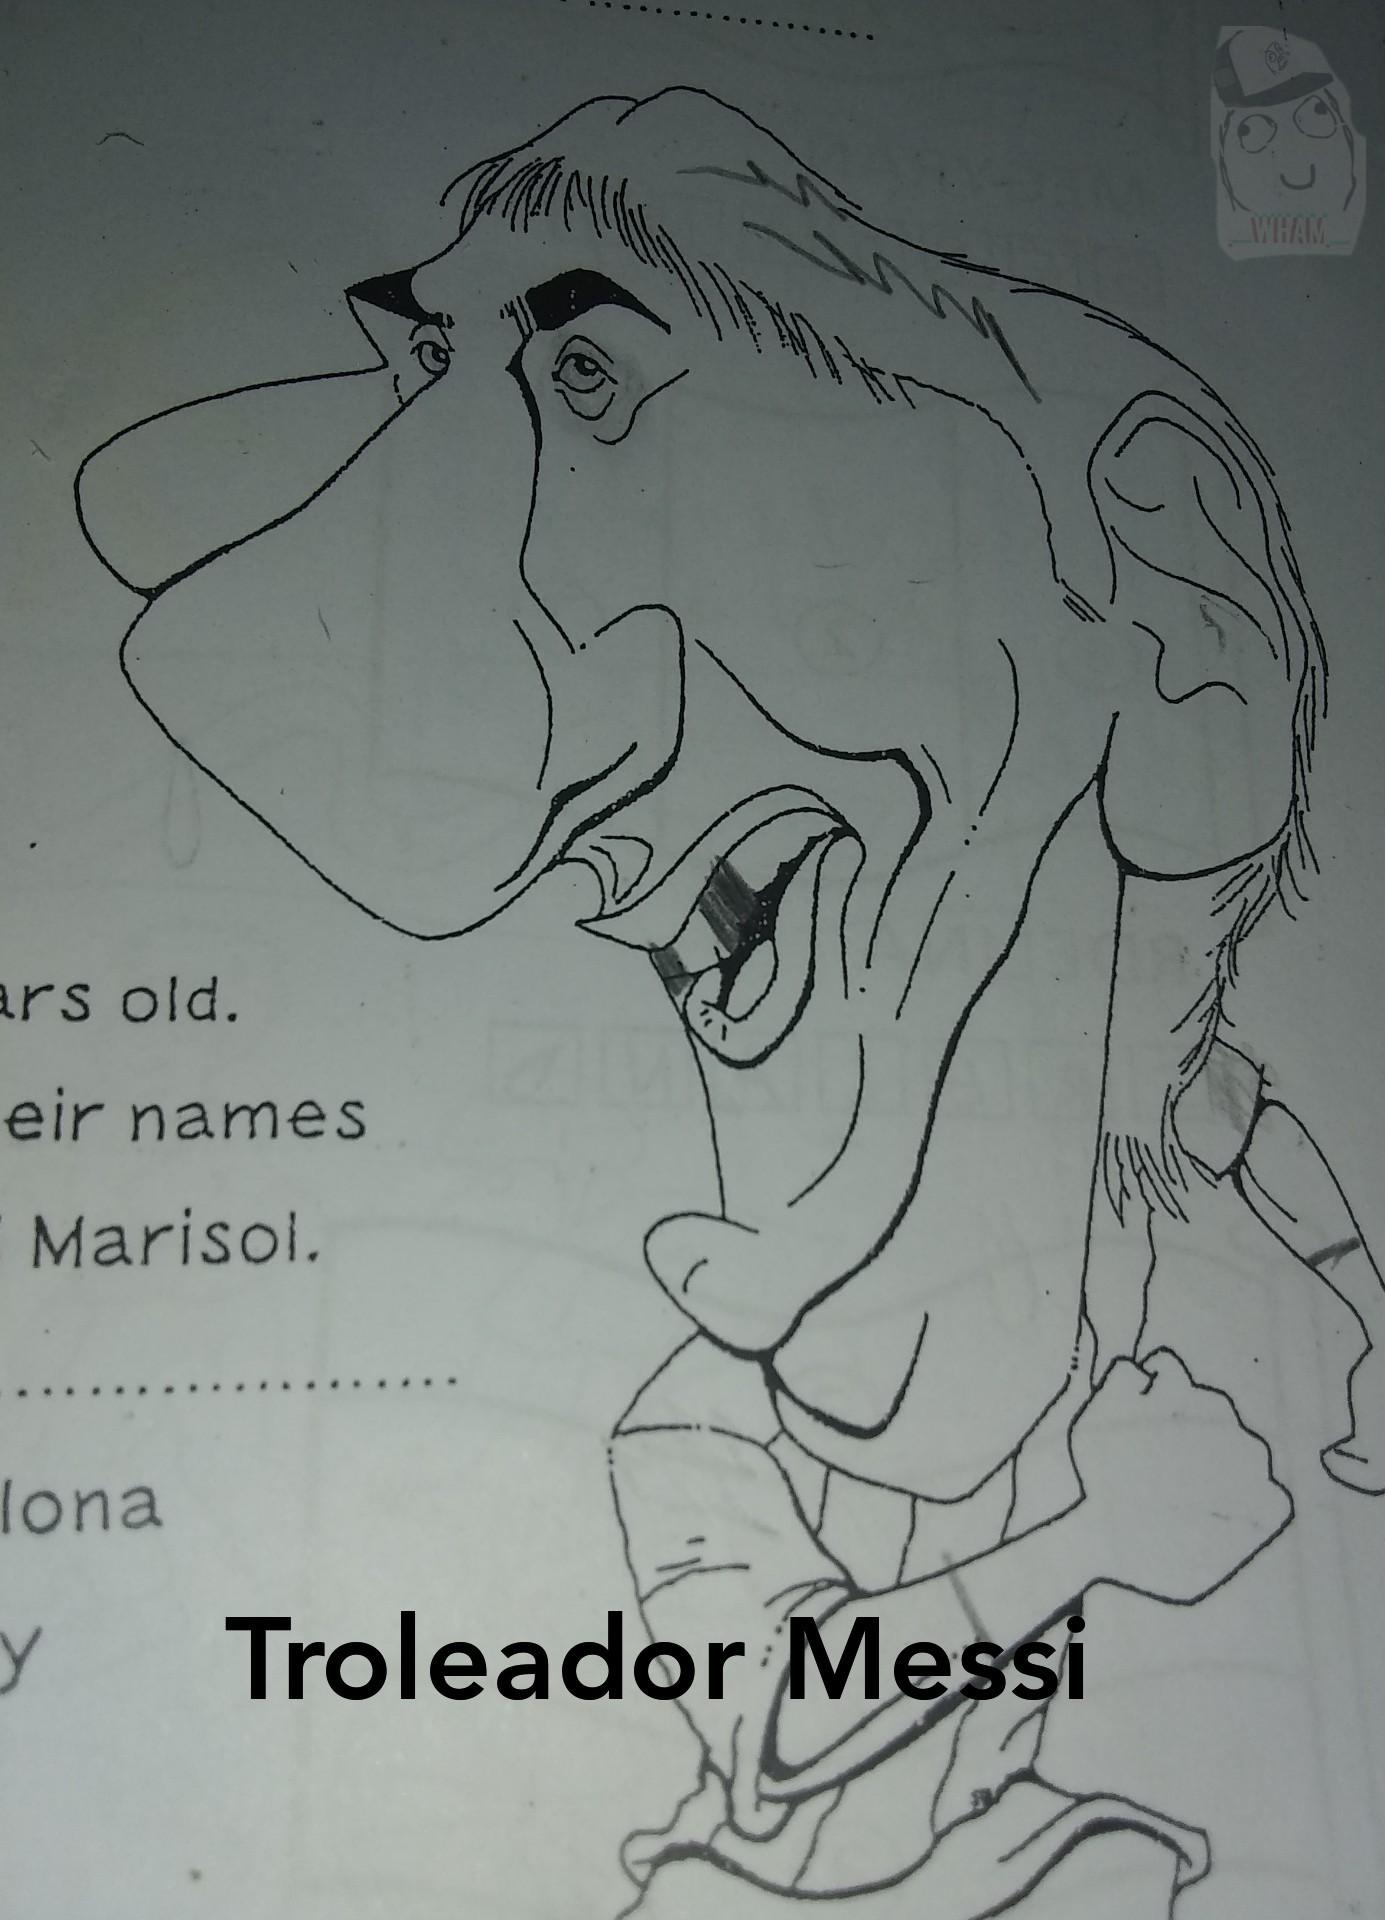 Nueva plantilla sin gracia   contexto: saque la imagen de mi cuaderno de inglés de 2do grado xd - meme